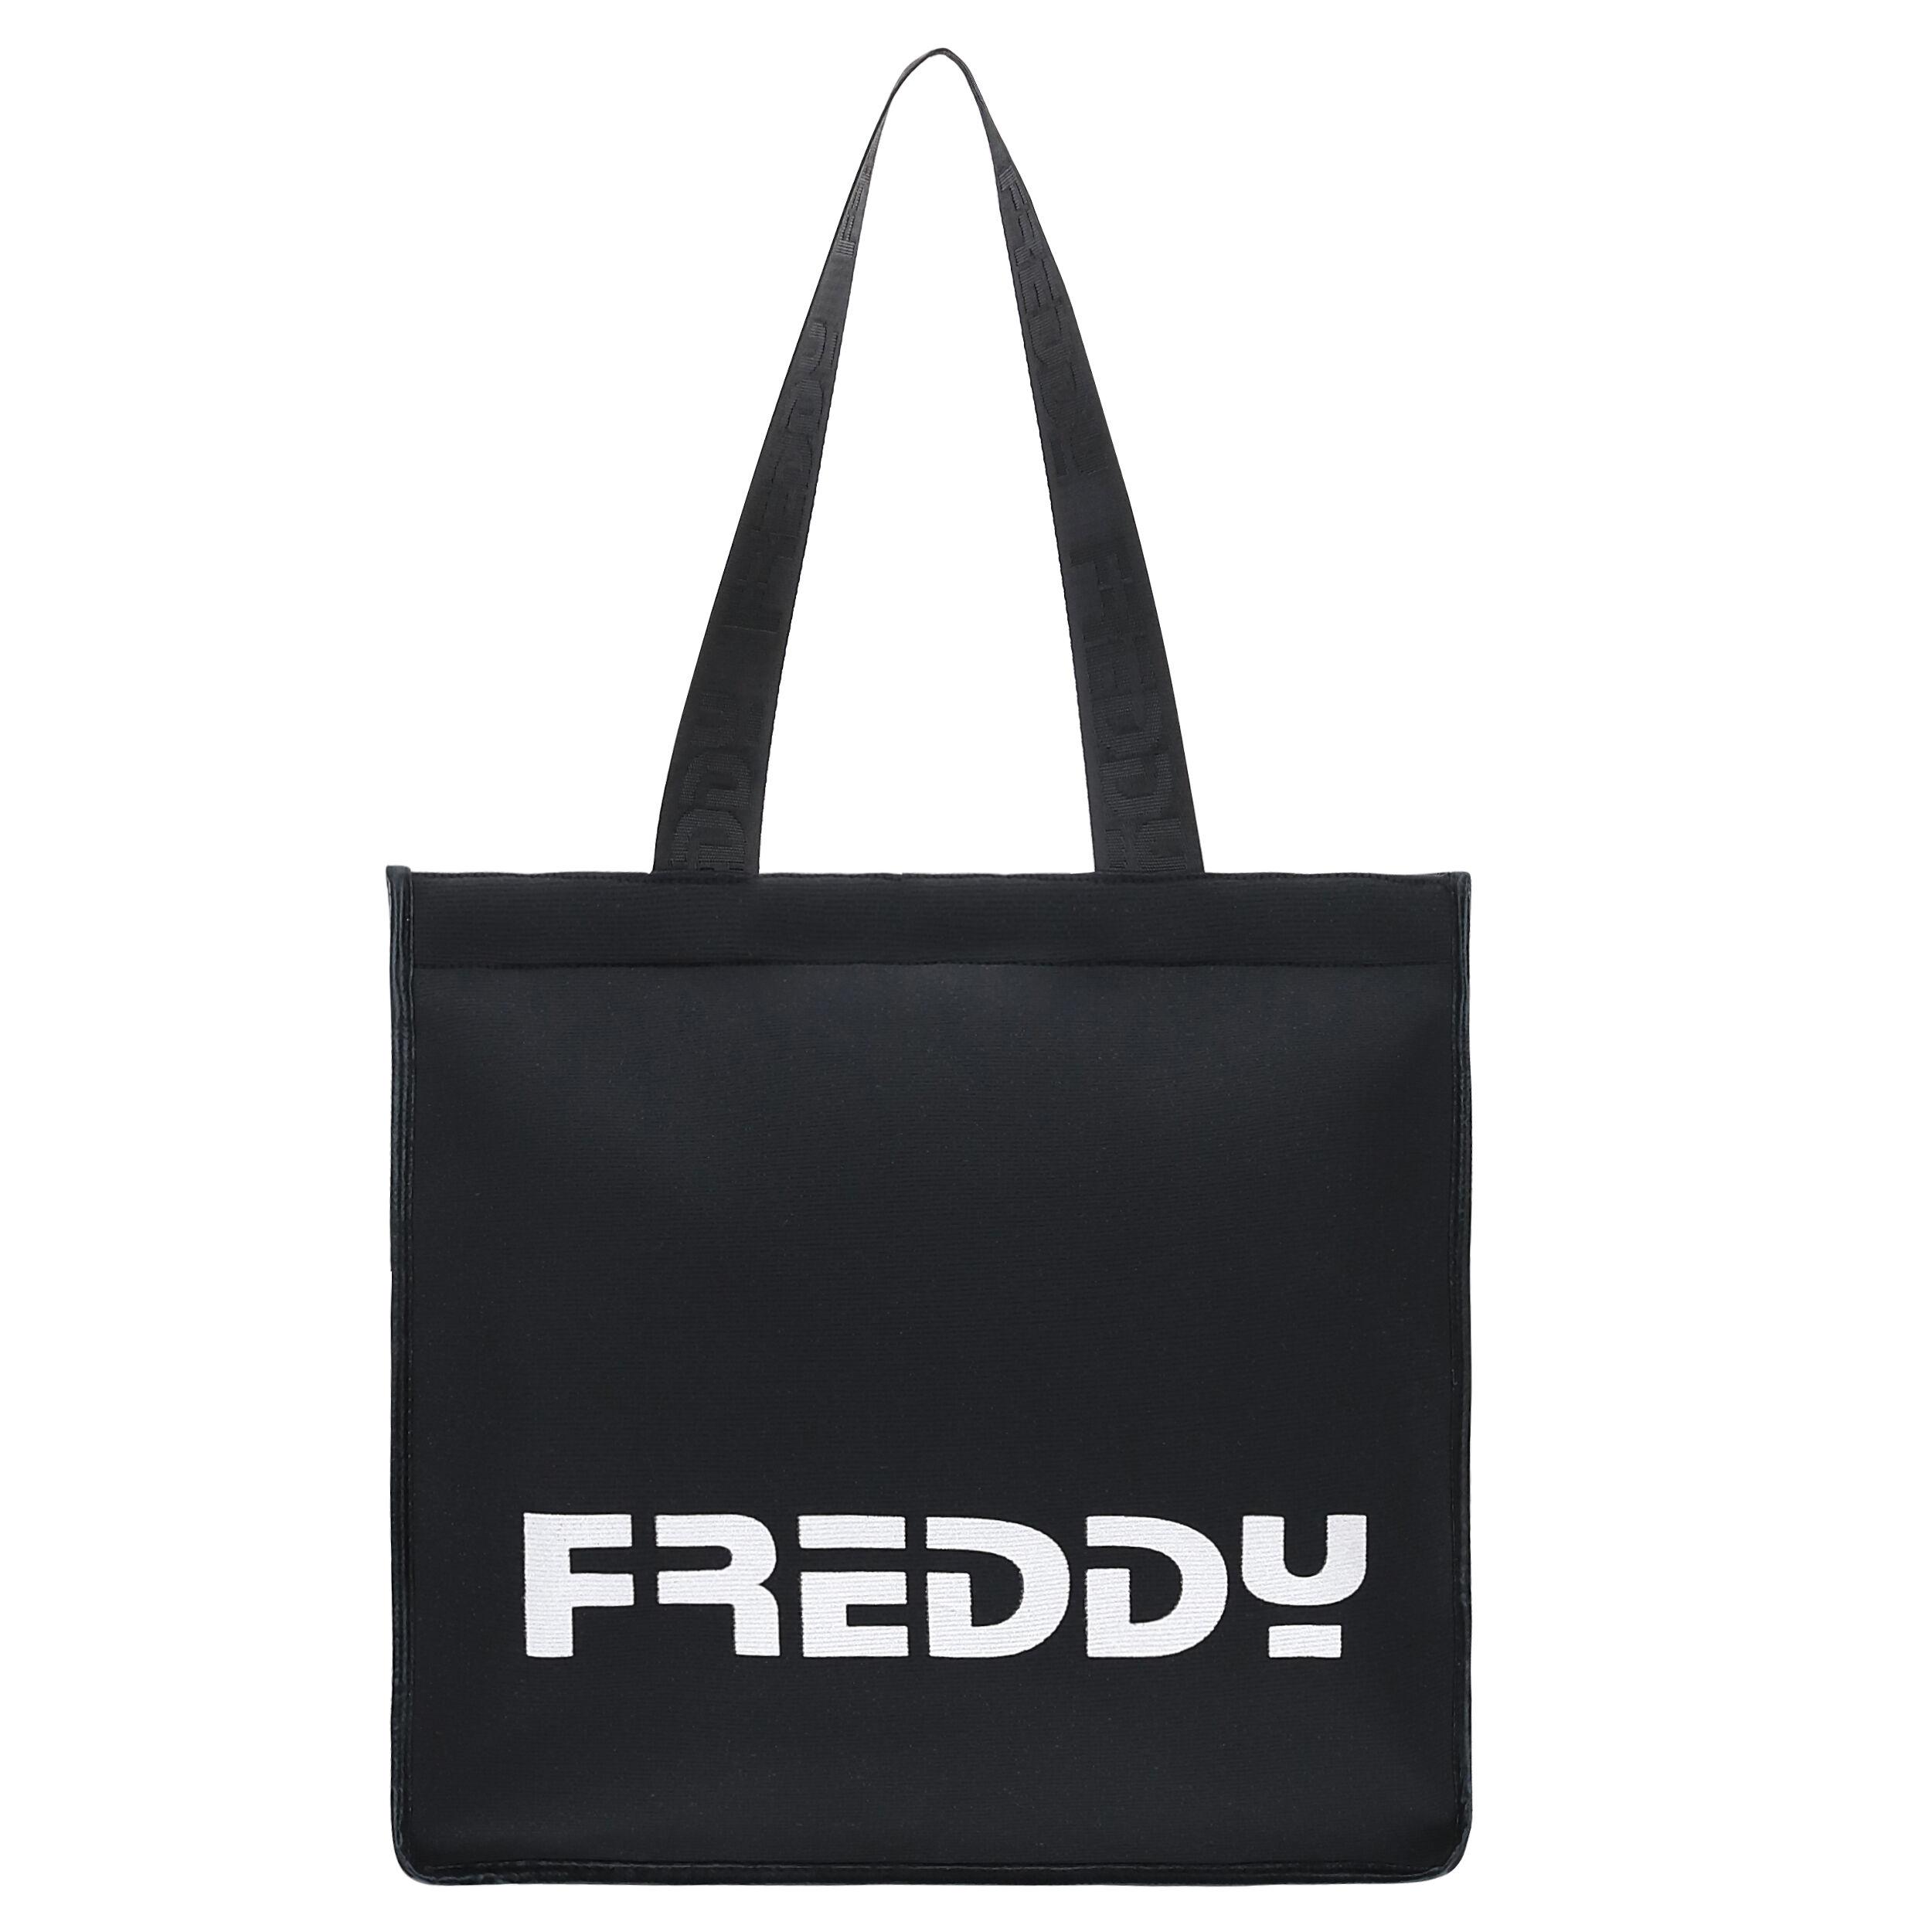 Freddy Shopper rettangolare nera con maxi stampa  Nero